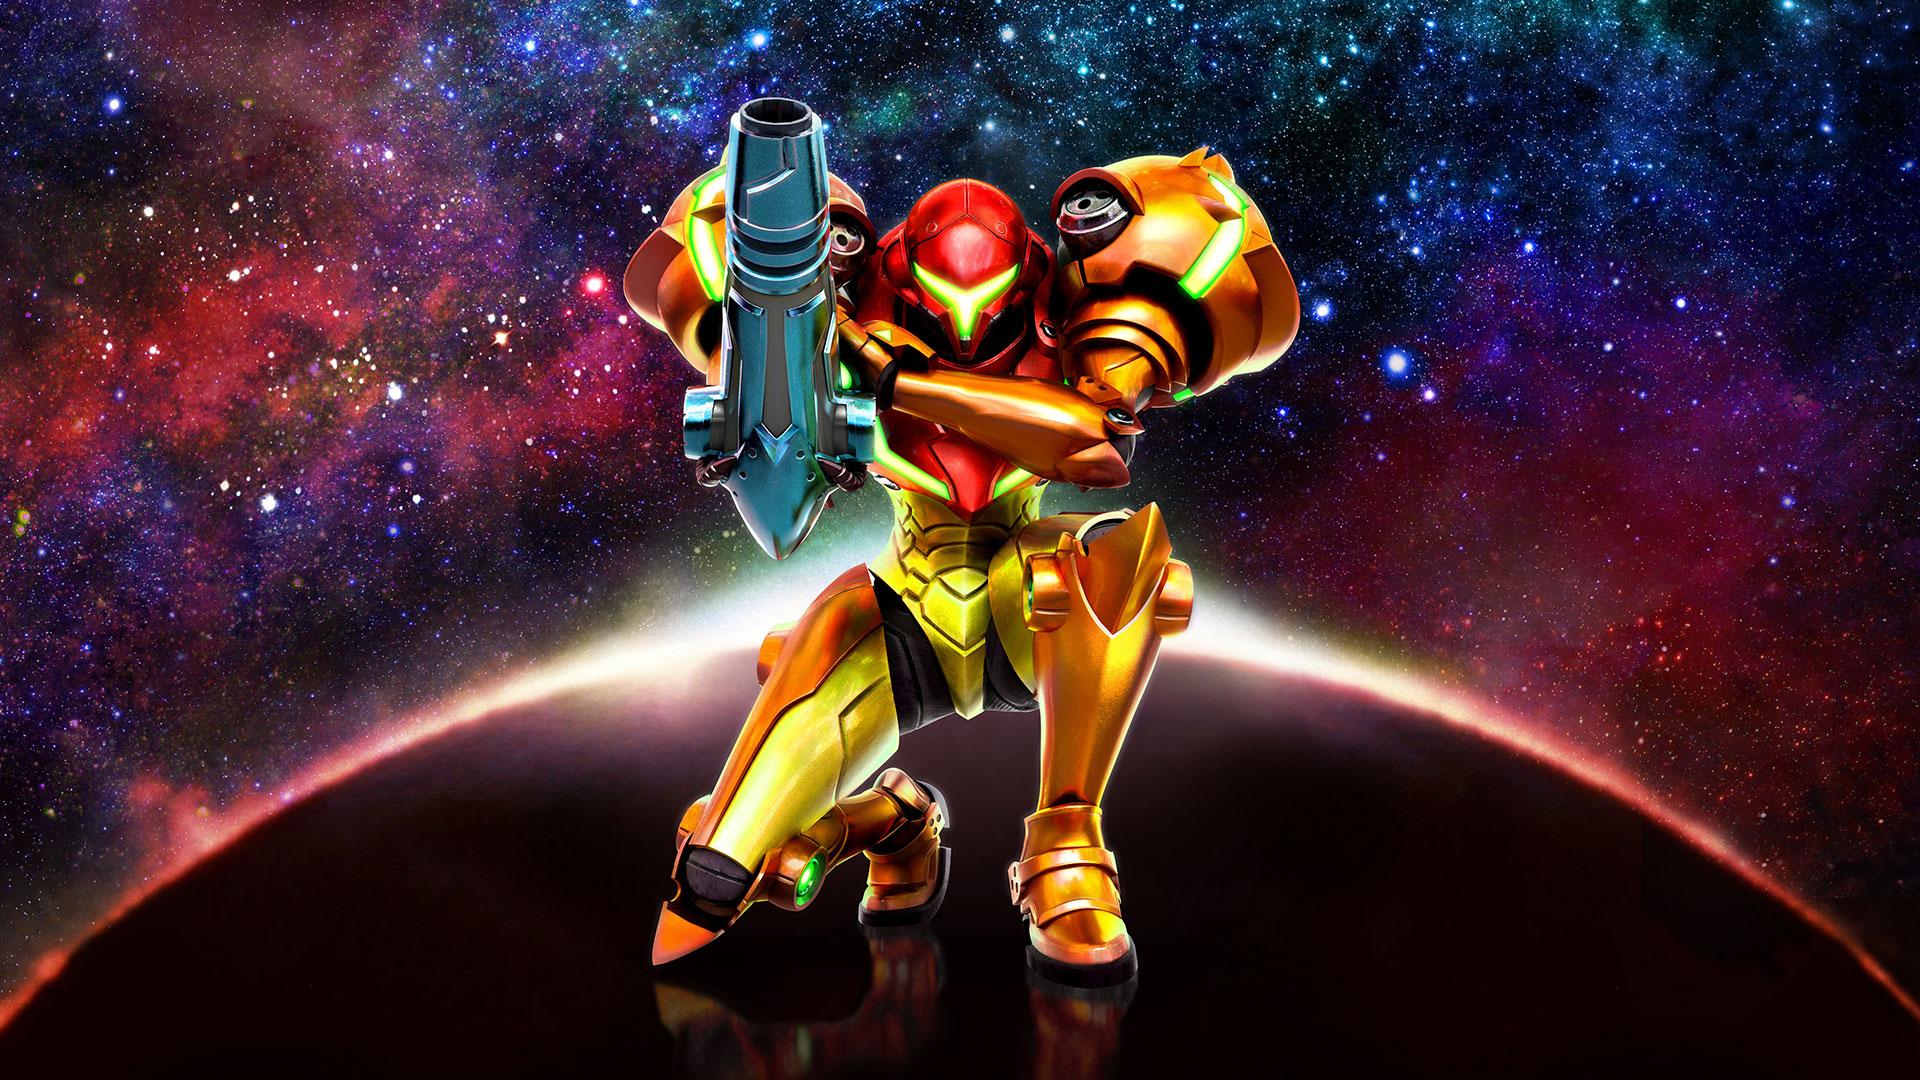 Imagem do jogo Metroid: Samus Returns, da Nintendo, que mostra a personagem Samus Aaran em sua armadura.